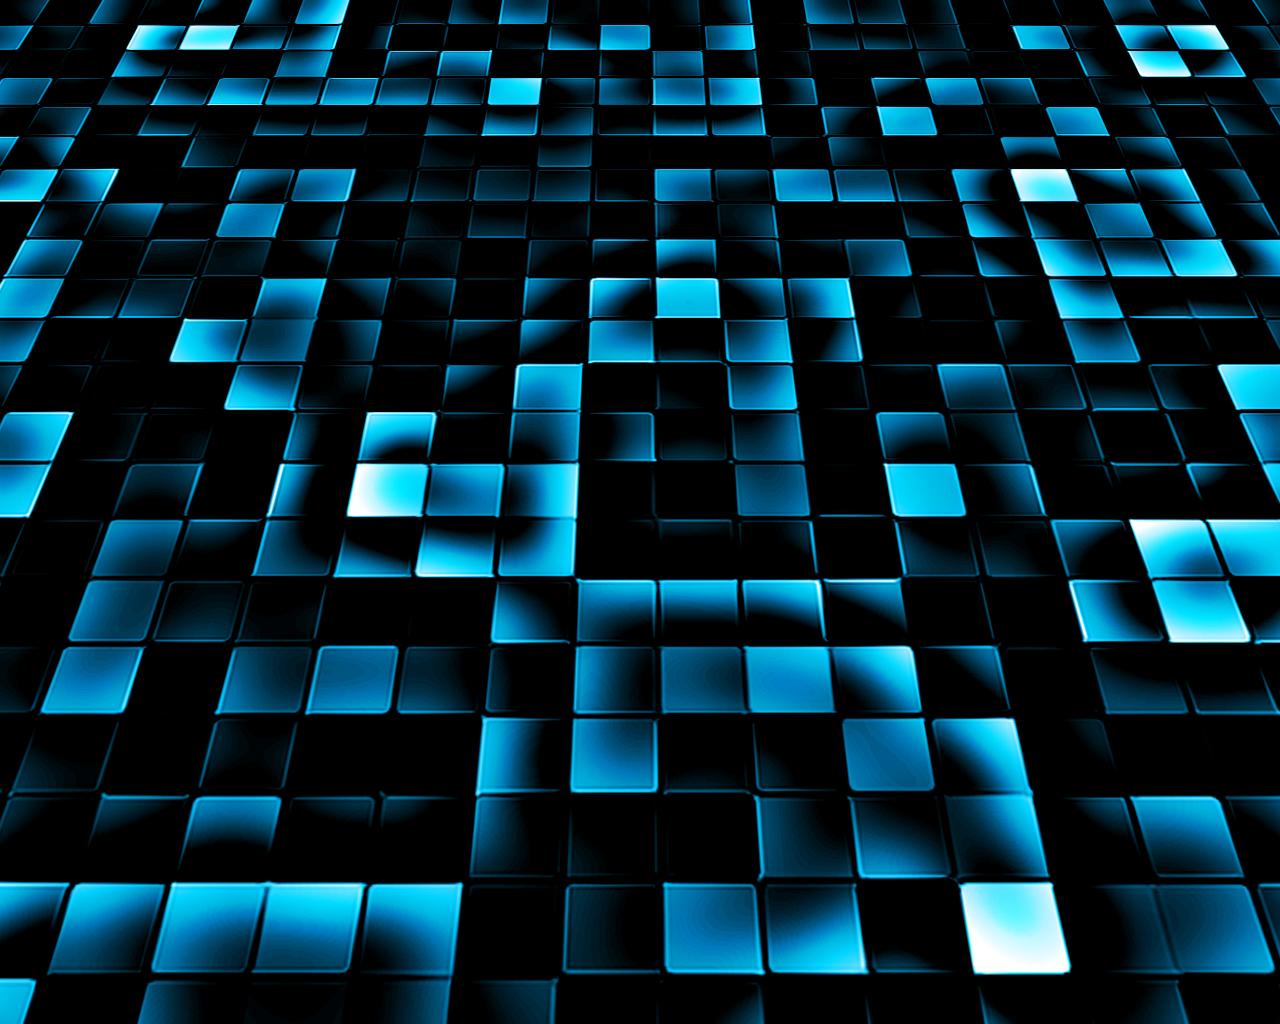 Wallpapers HD: 10 Wallpapers de Tecnologia